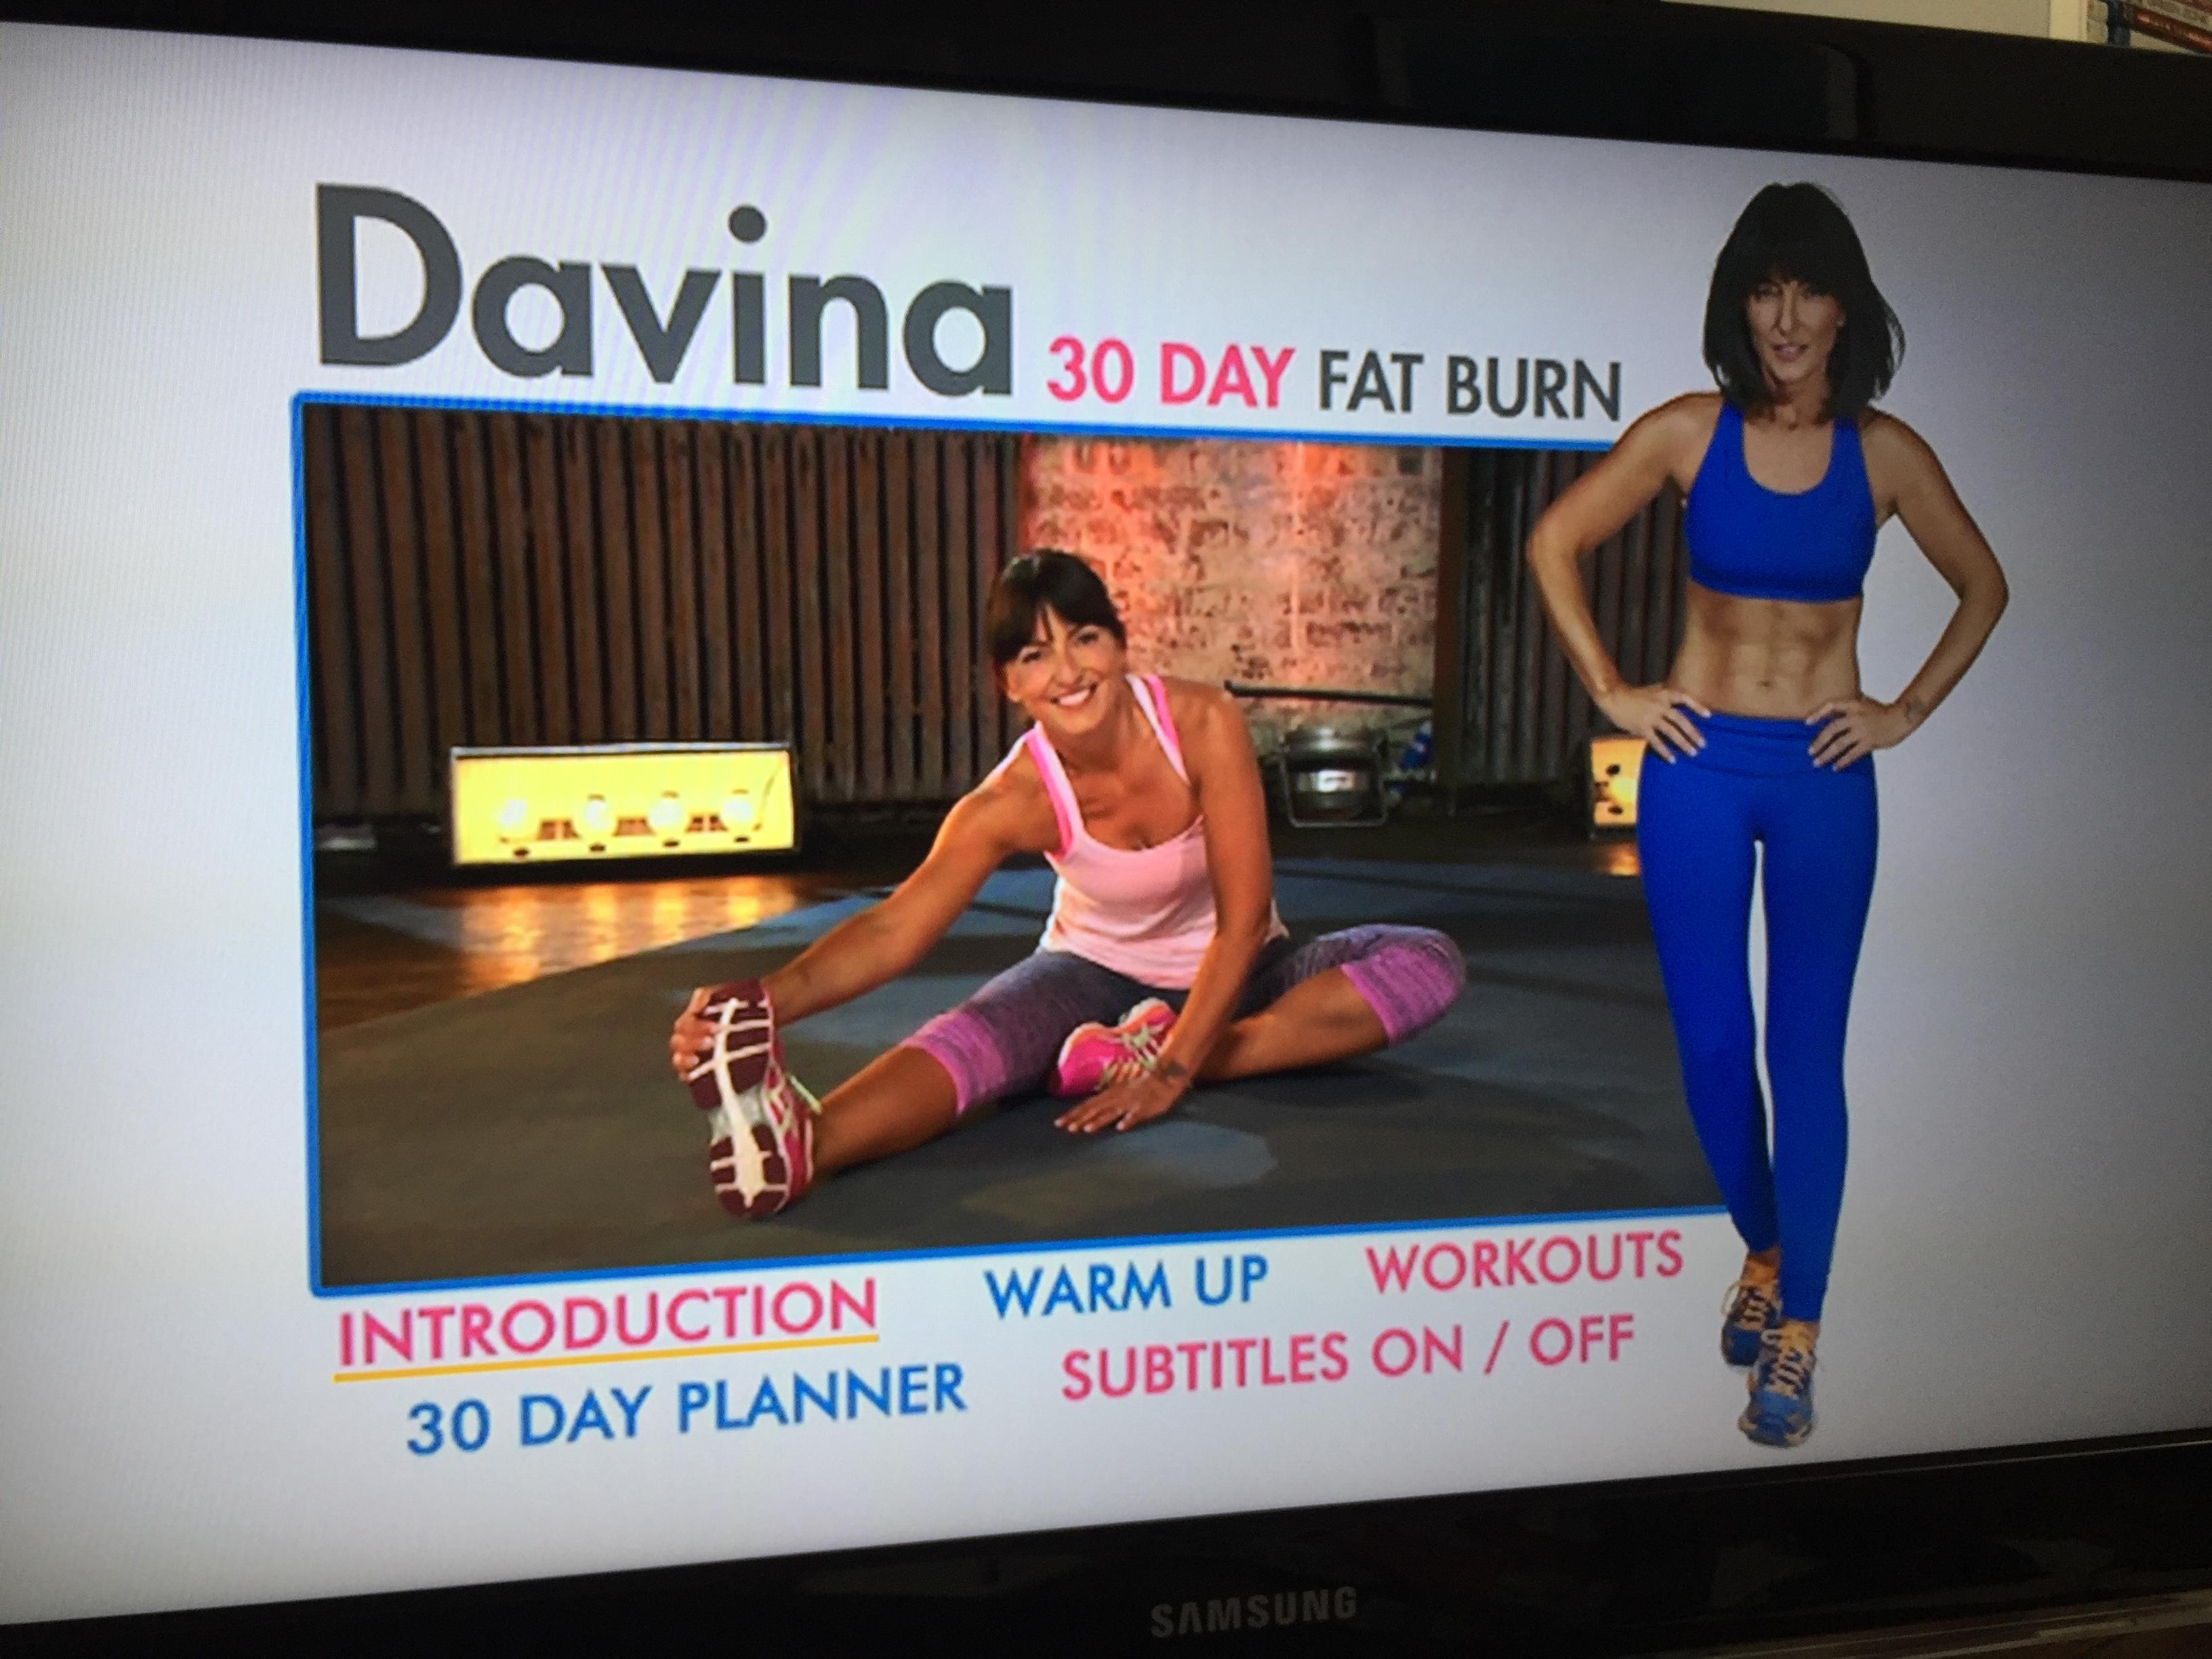 Examen de 30 jours pour brûler les graisses Davina avis de ceinture minceur